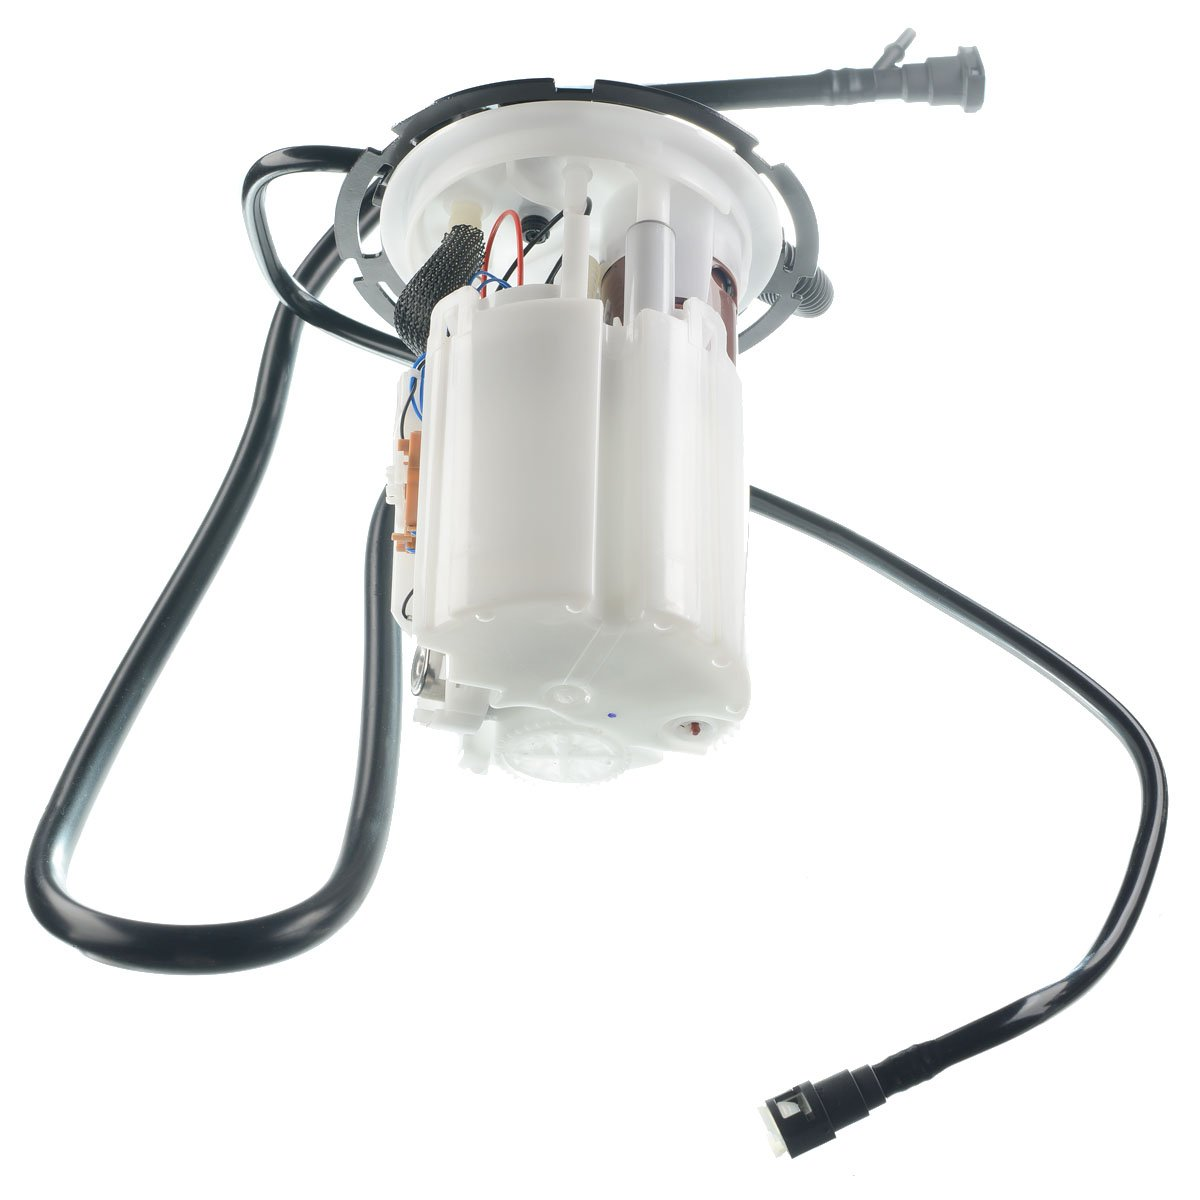 Fuel Pump Assembly for Chevrolet Malibu 2004-2006 2.2L 3.5L 3.9L excluding Maxx Model